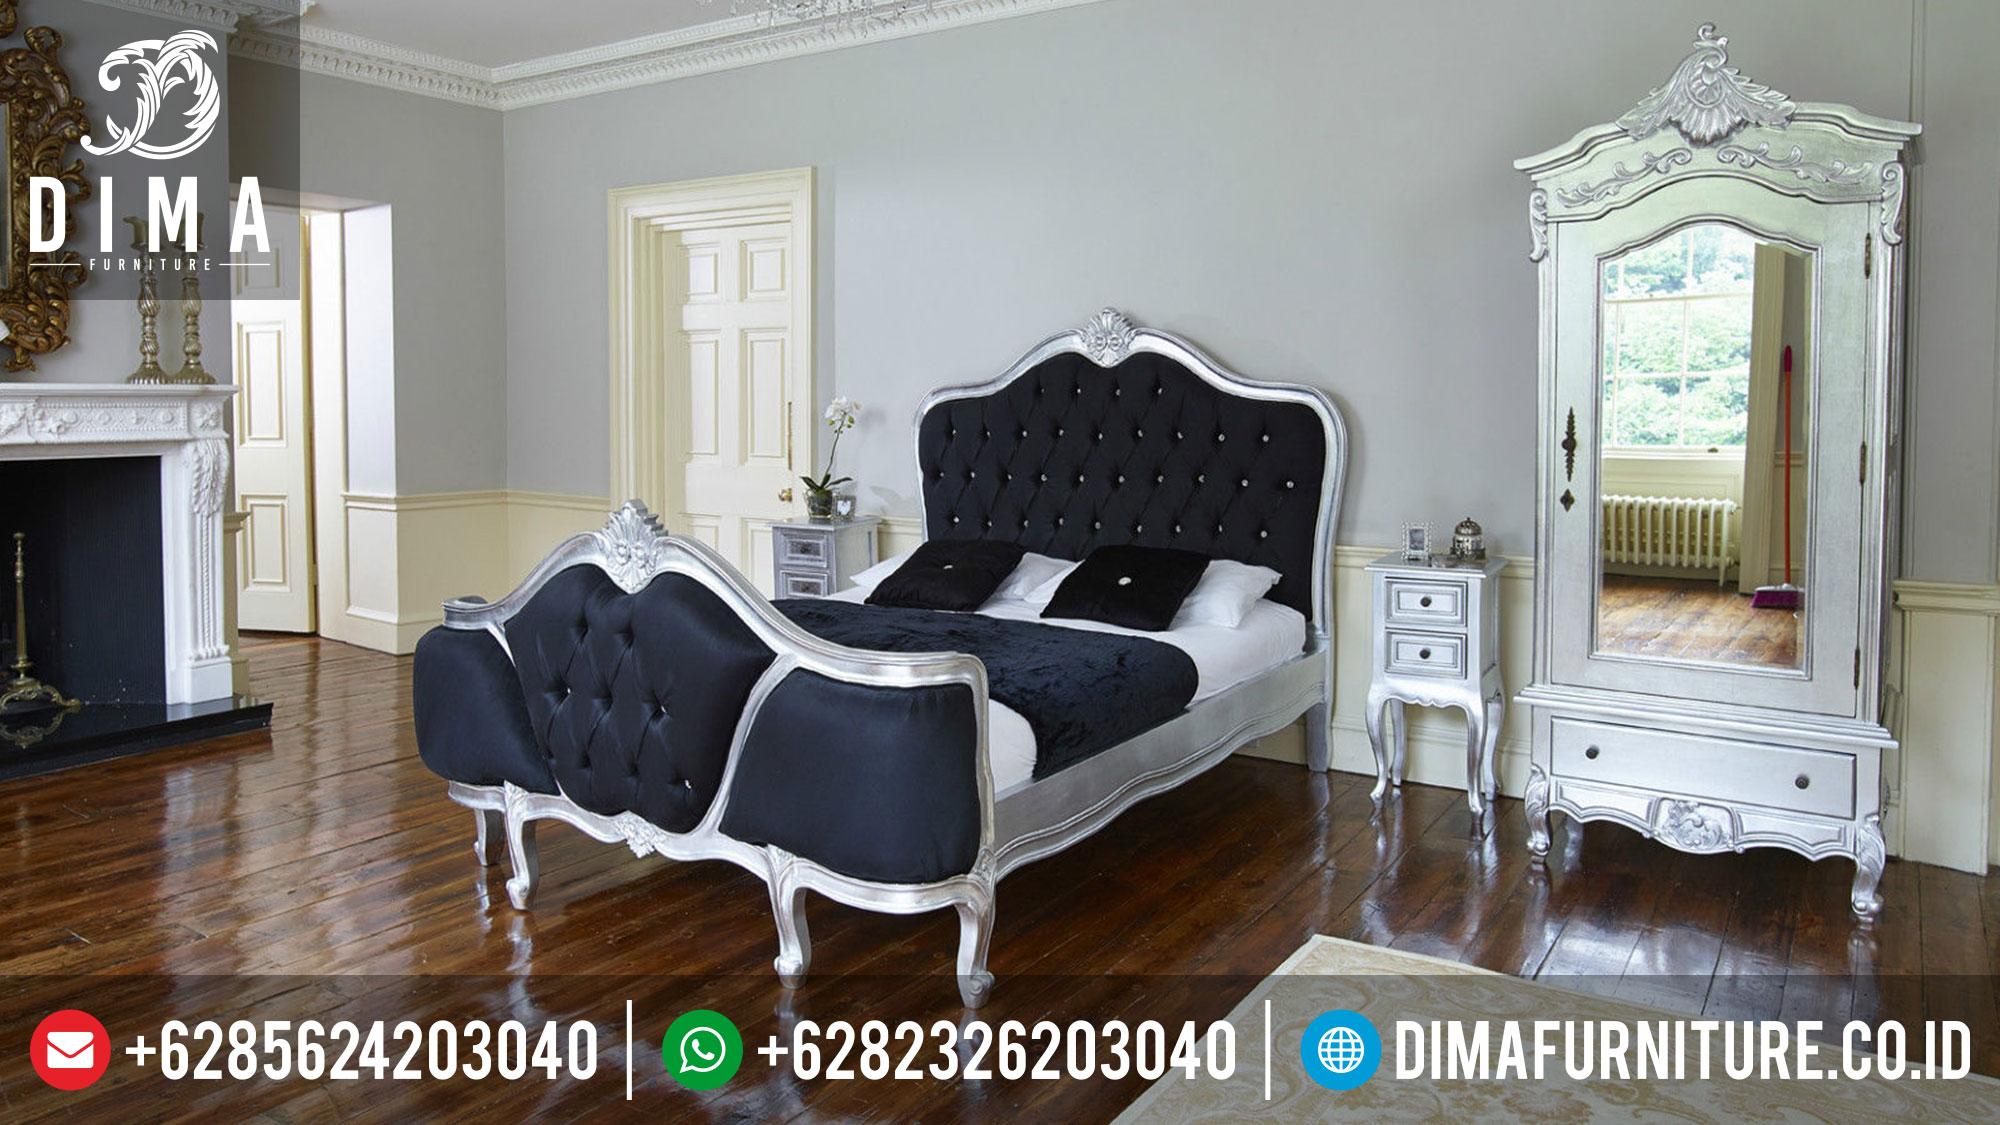 Tempat Tidur Minimalis Perak, Kamar Set Rococo Mewah, Set Kamar Tidur Terbaru DF-0343